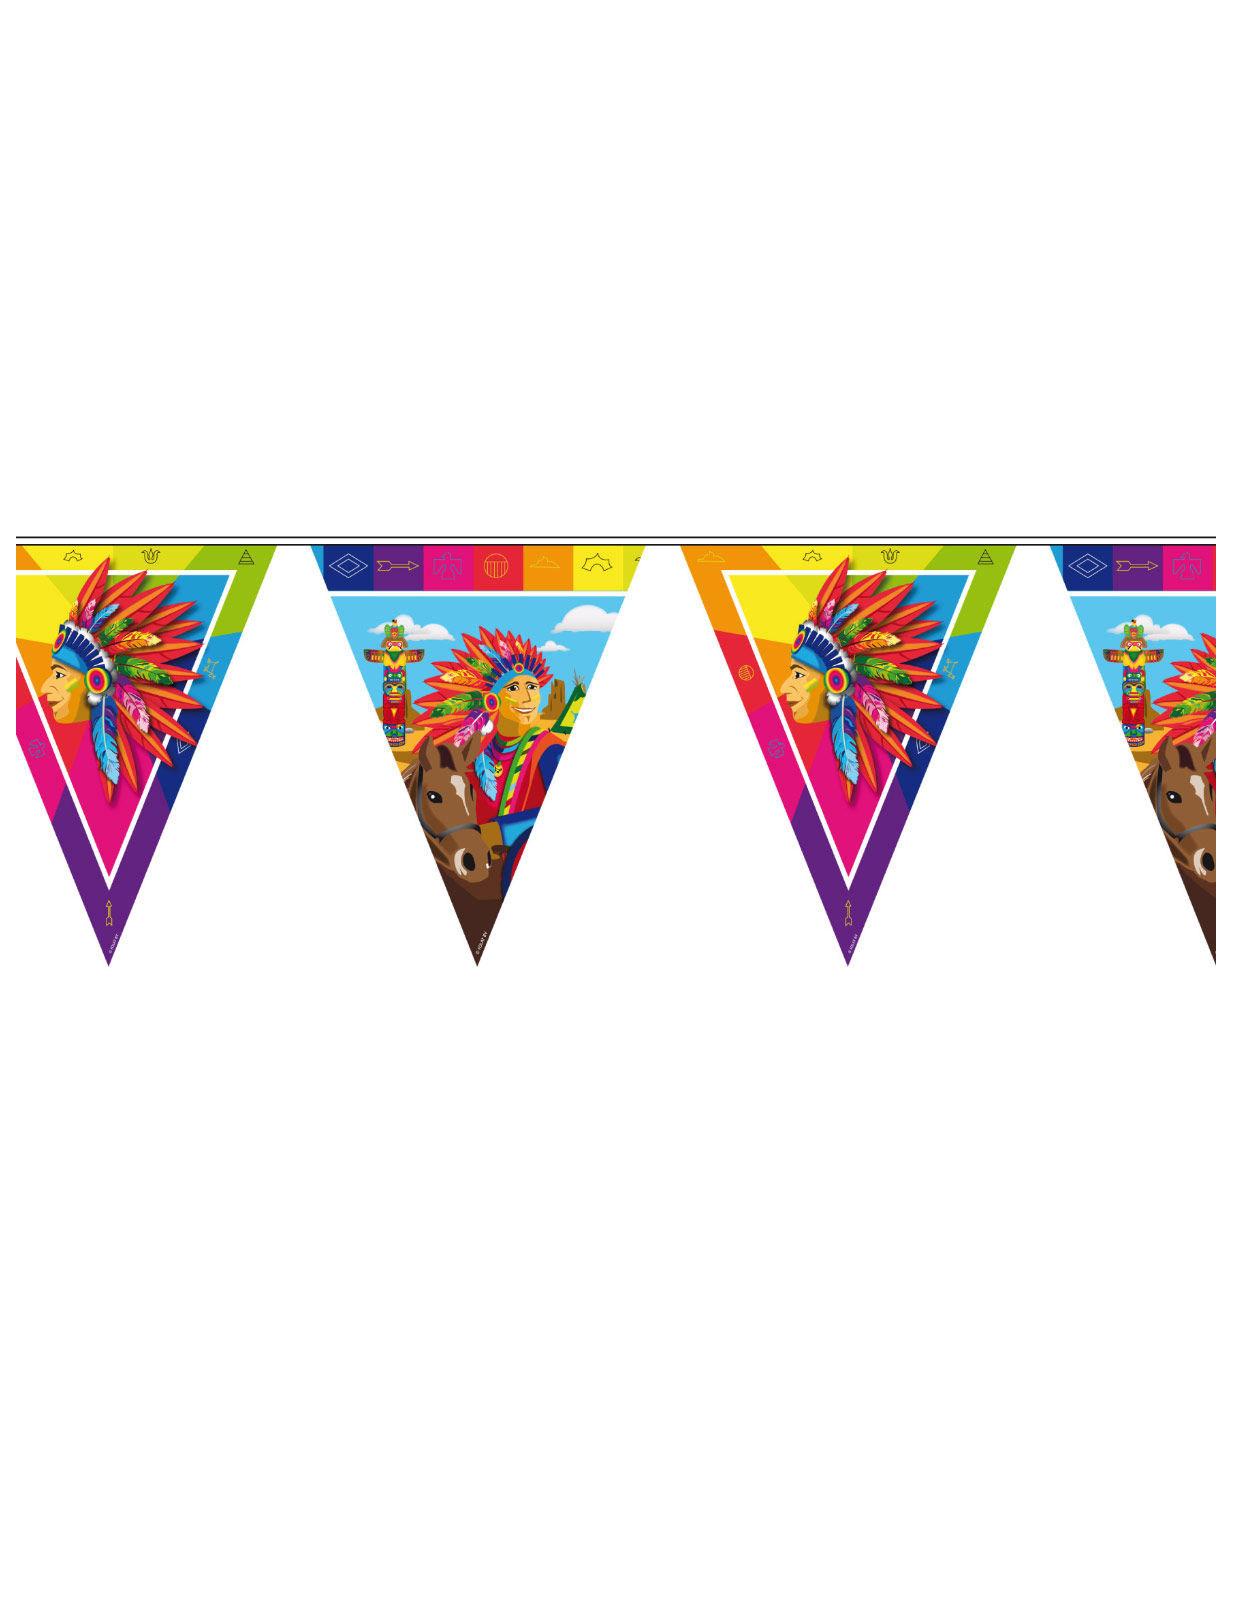 Indianer Wimpel Girlande Wilder Westen Party Deko Bunt 10mx29cm